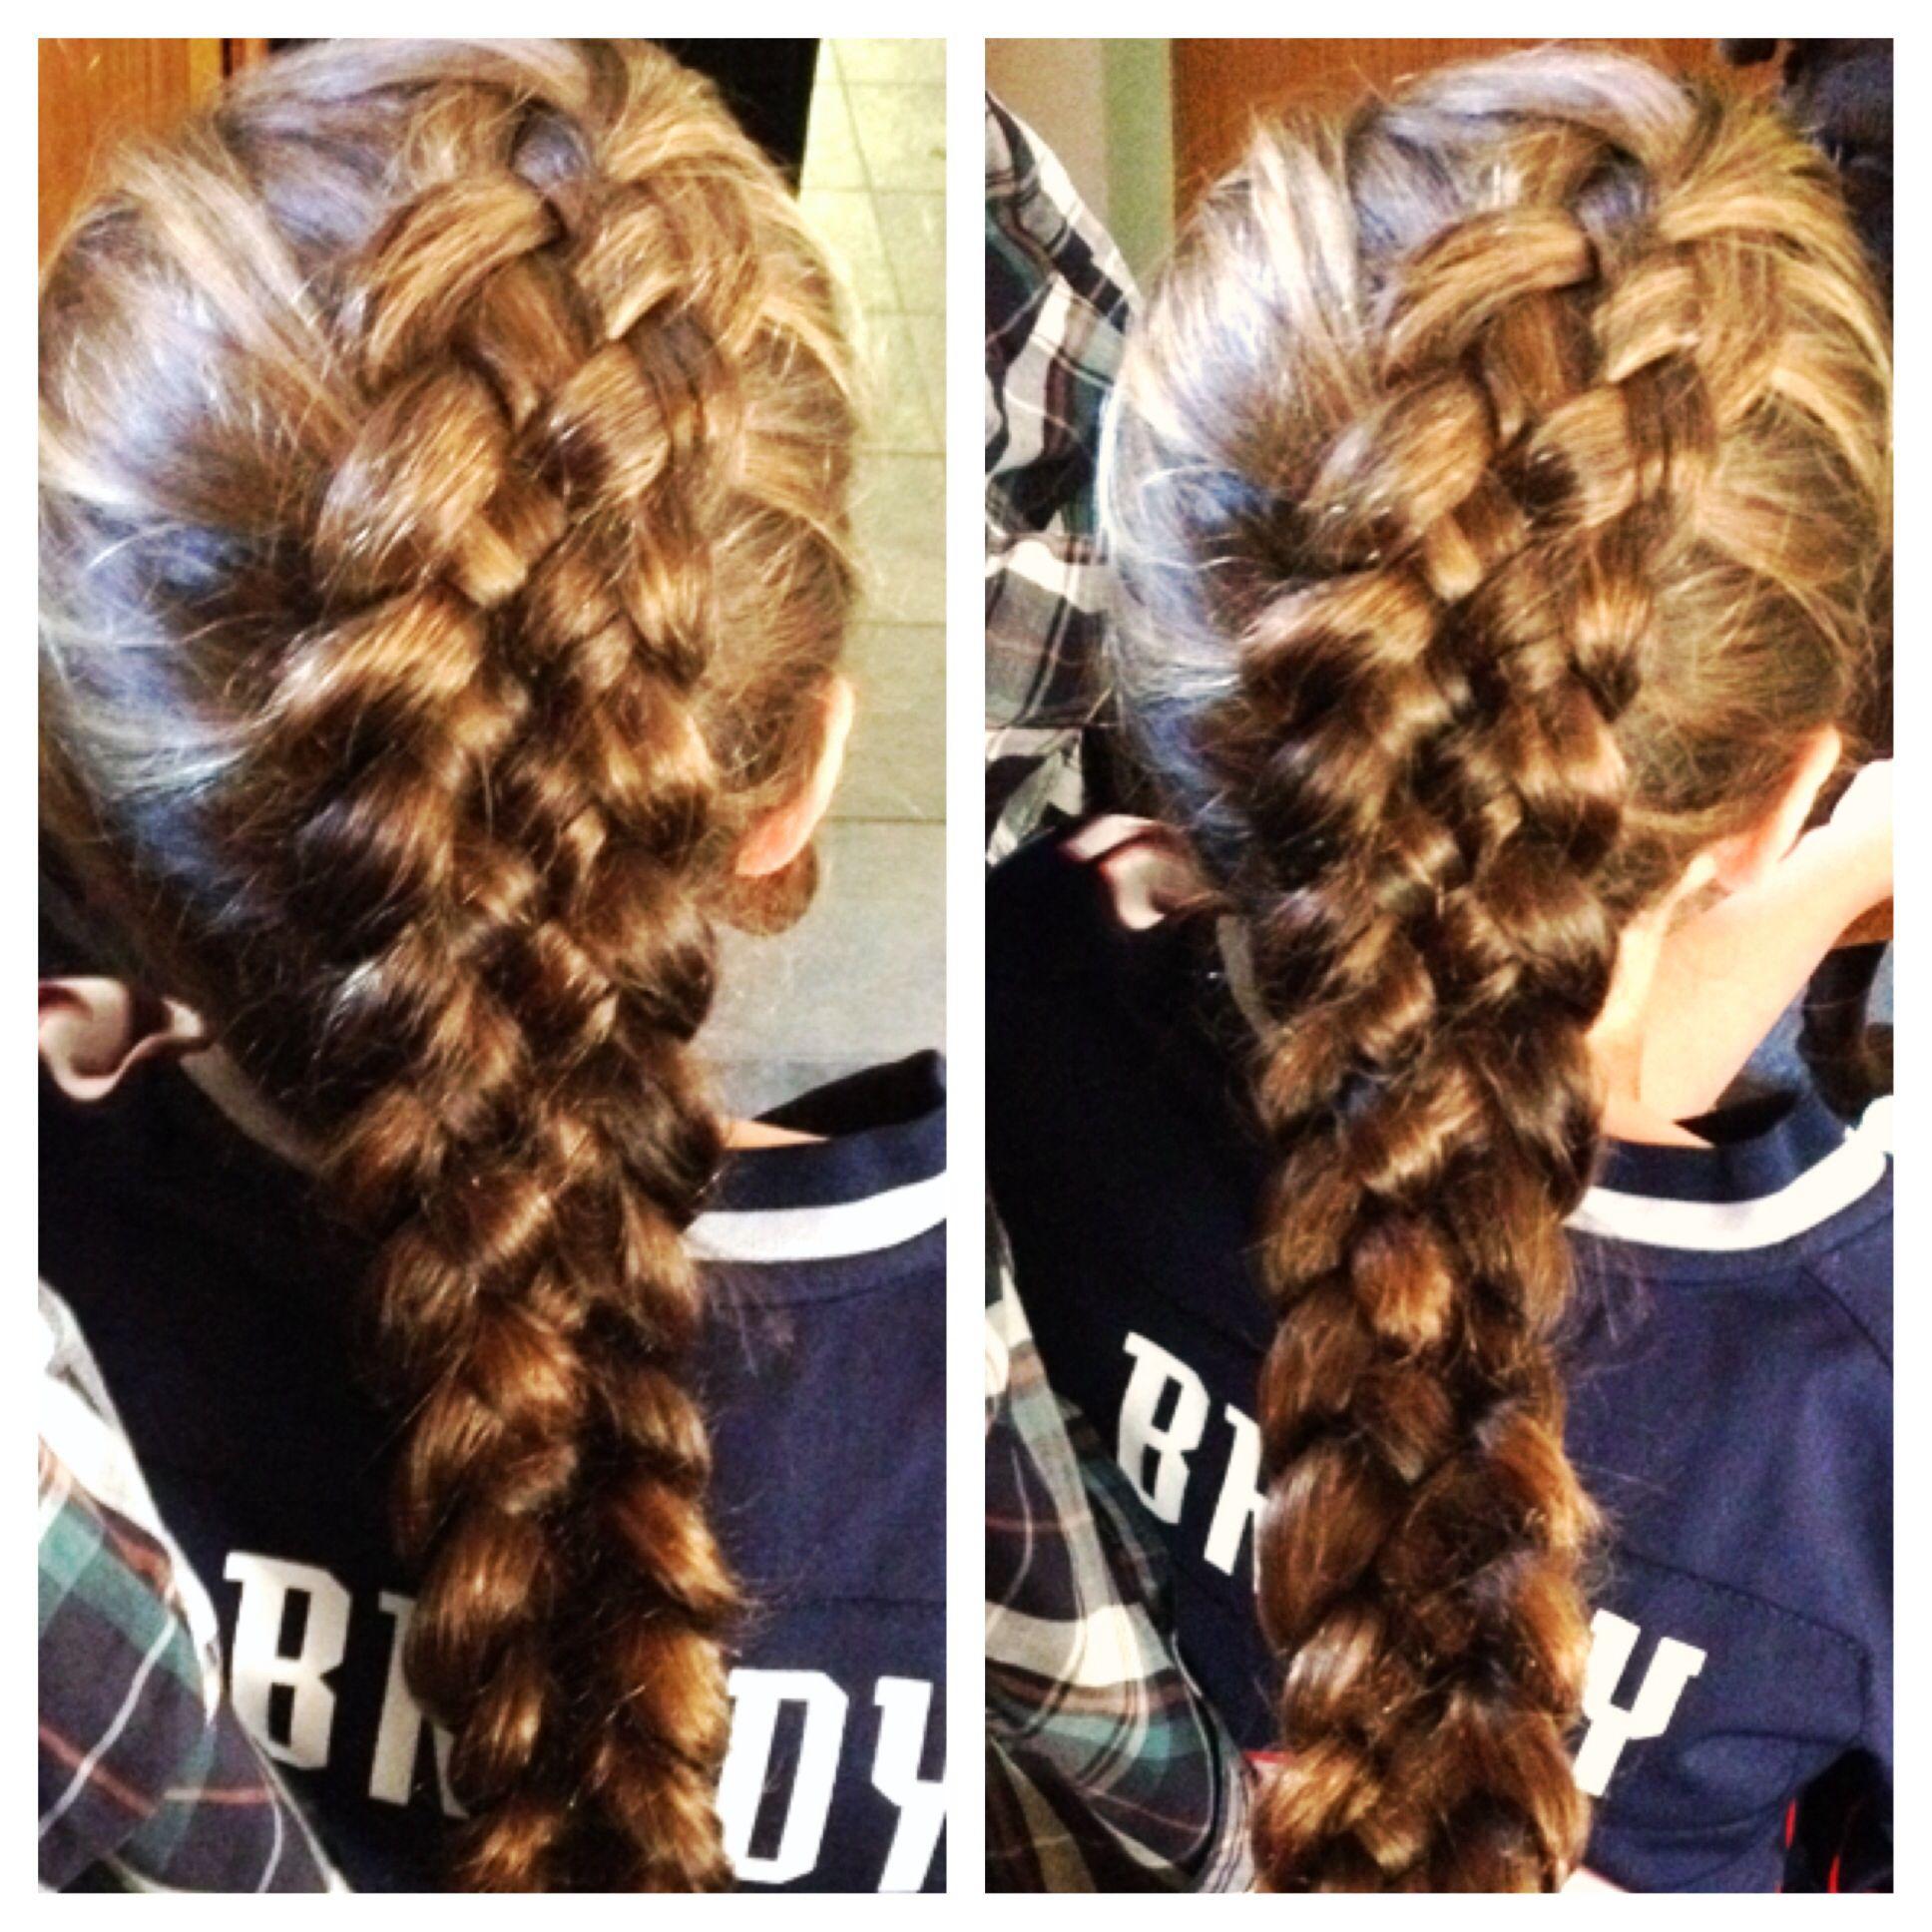 Five strand Dutch braid Updo Pretty braids Follow my Instagram